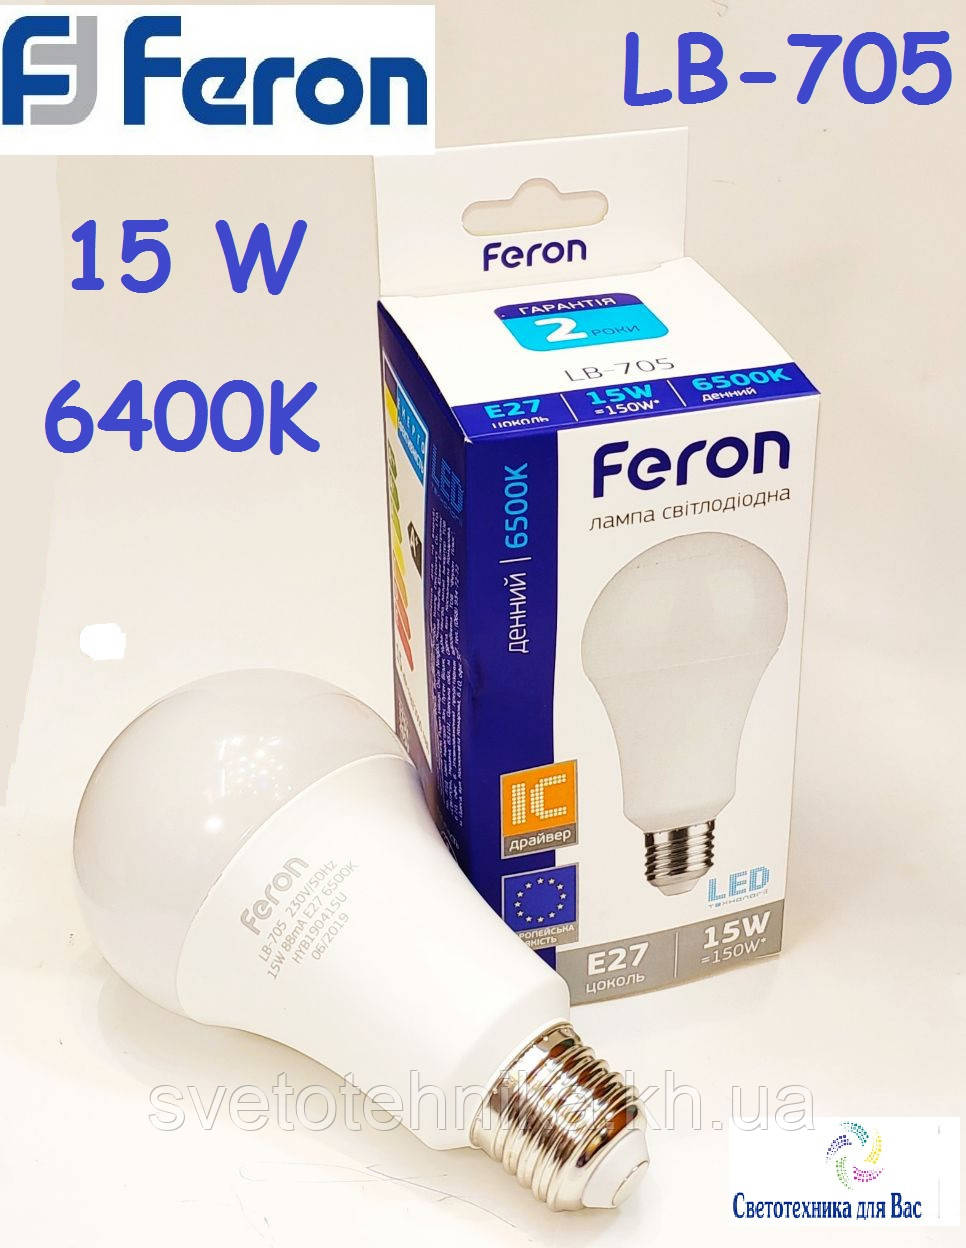 Світлодіодна лампа типу А70 Feron LB-705 15W 6400K для загального і декоративного освітлення